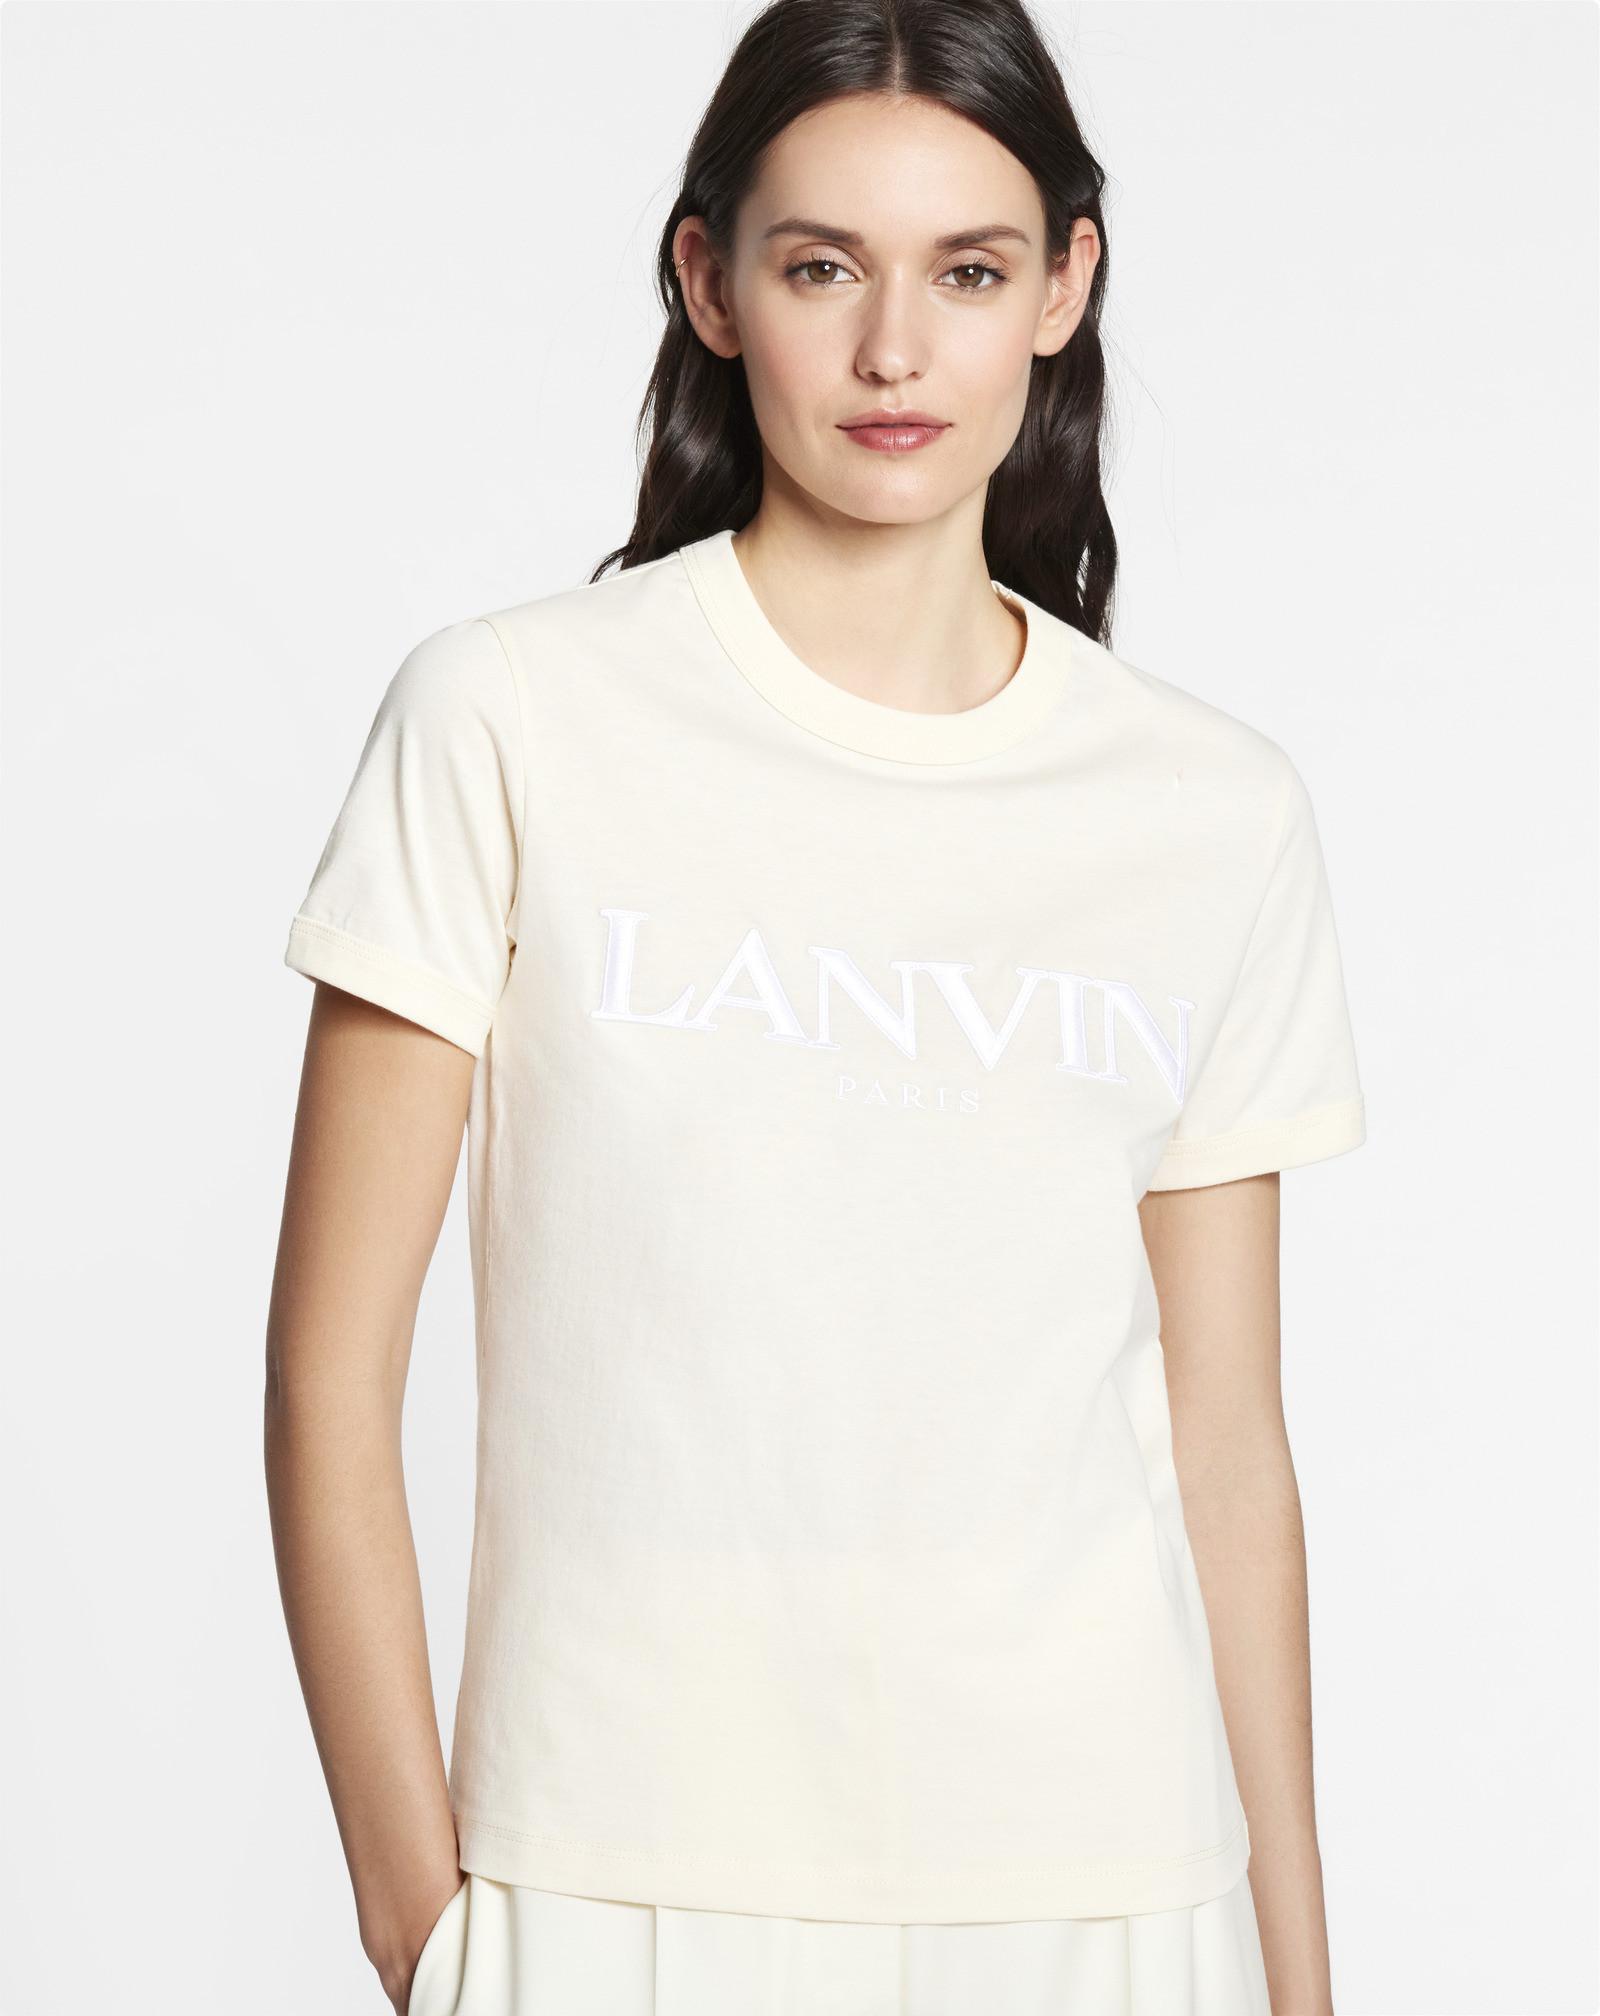 T-shirt ricamata con il logo esclusivo Lanvin Paris, colore crema, scollo rotondo e manica corta, ricamo Lanvin Paris bianco sul davanti